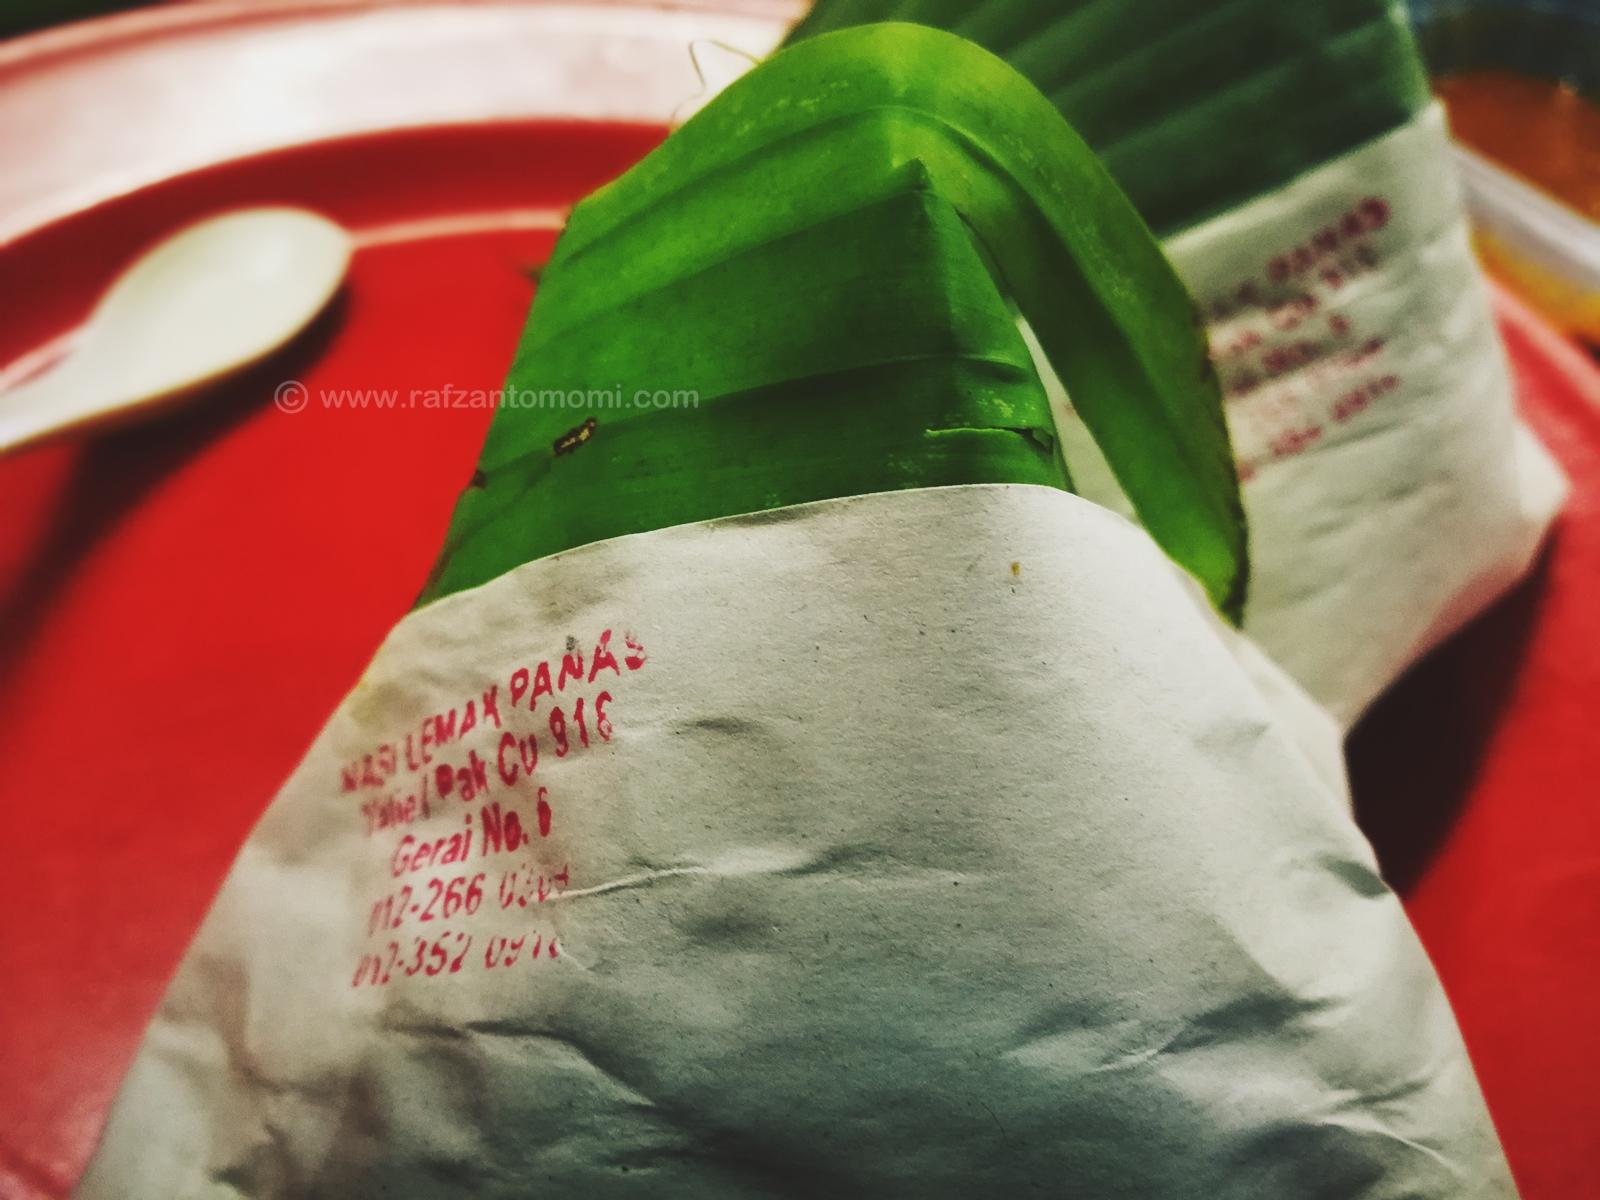 Nasi Lemak Panas Dekat Selera Jaya 223, Jalan Petaling